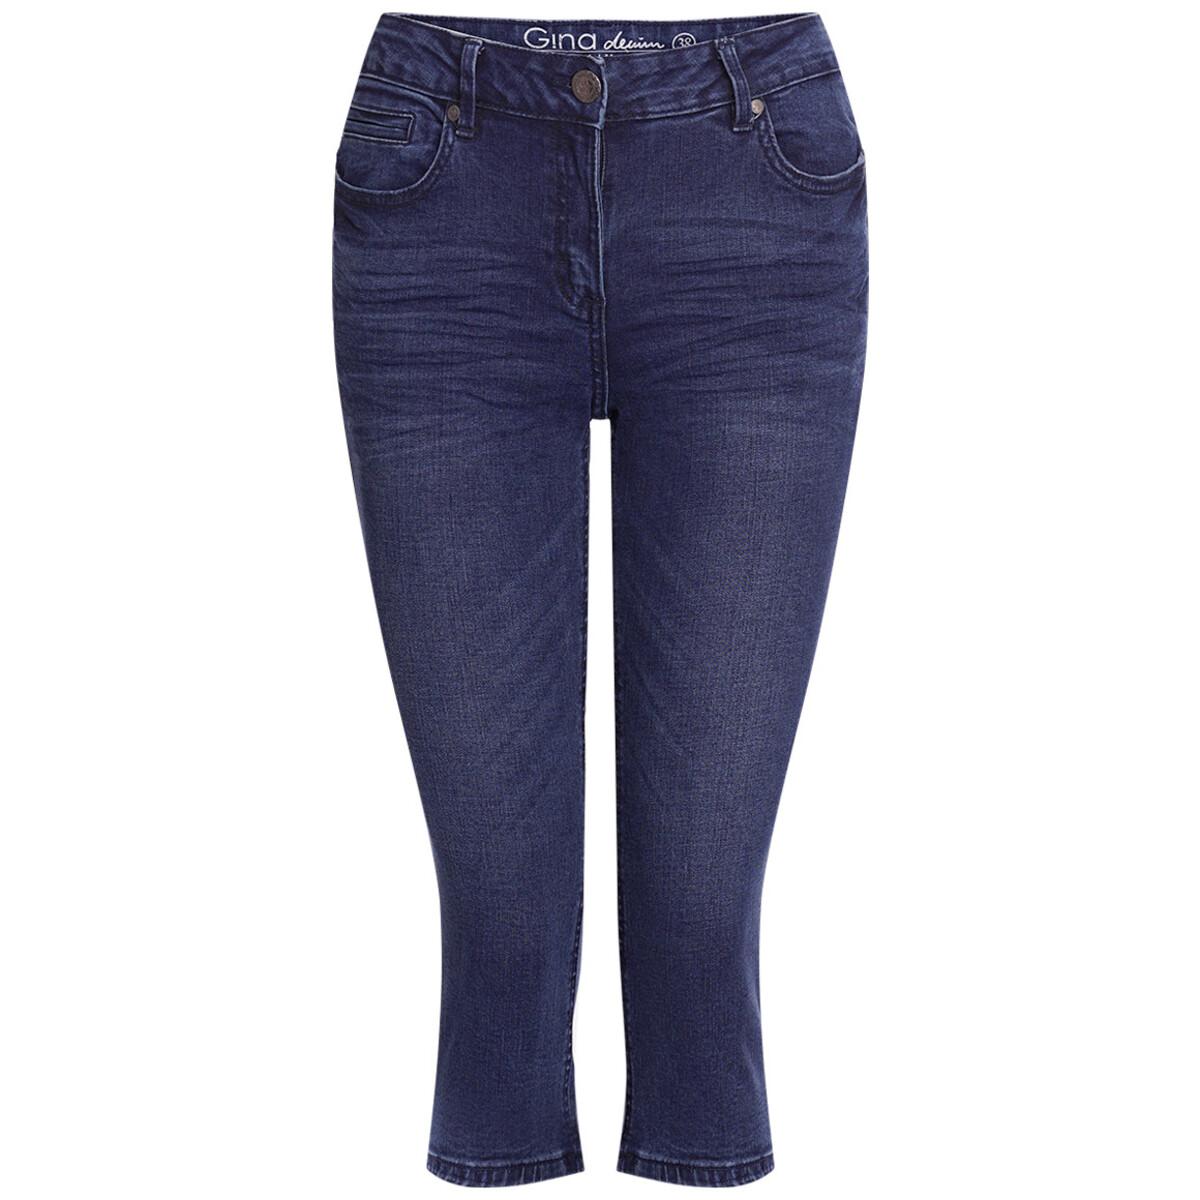 Bild 1 von 3/4 Damen Slim-Jeans im Five-Pocket-Style